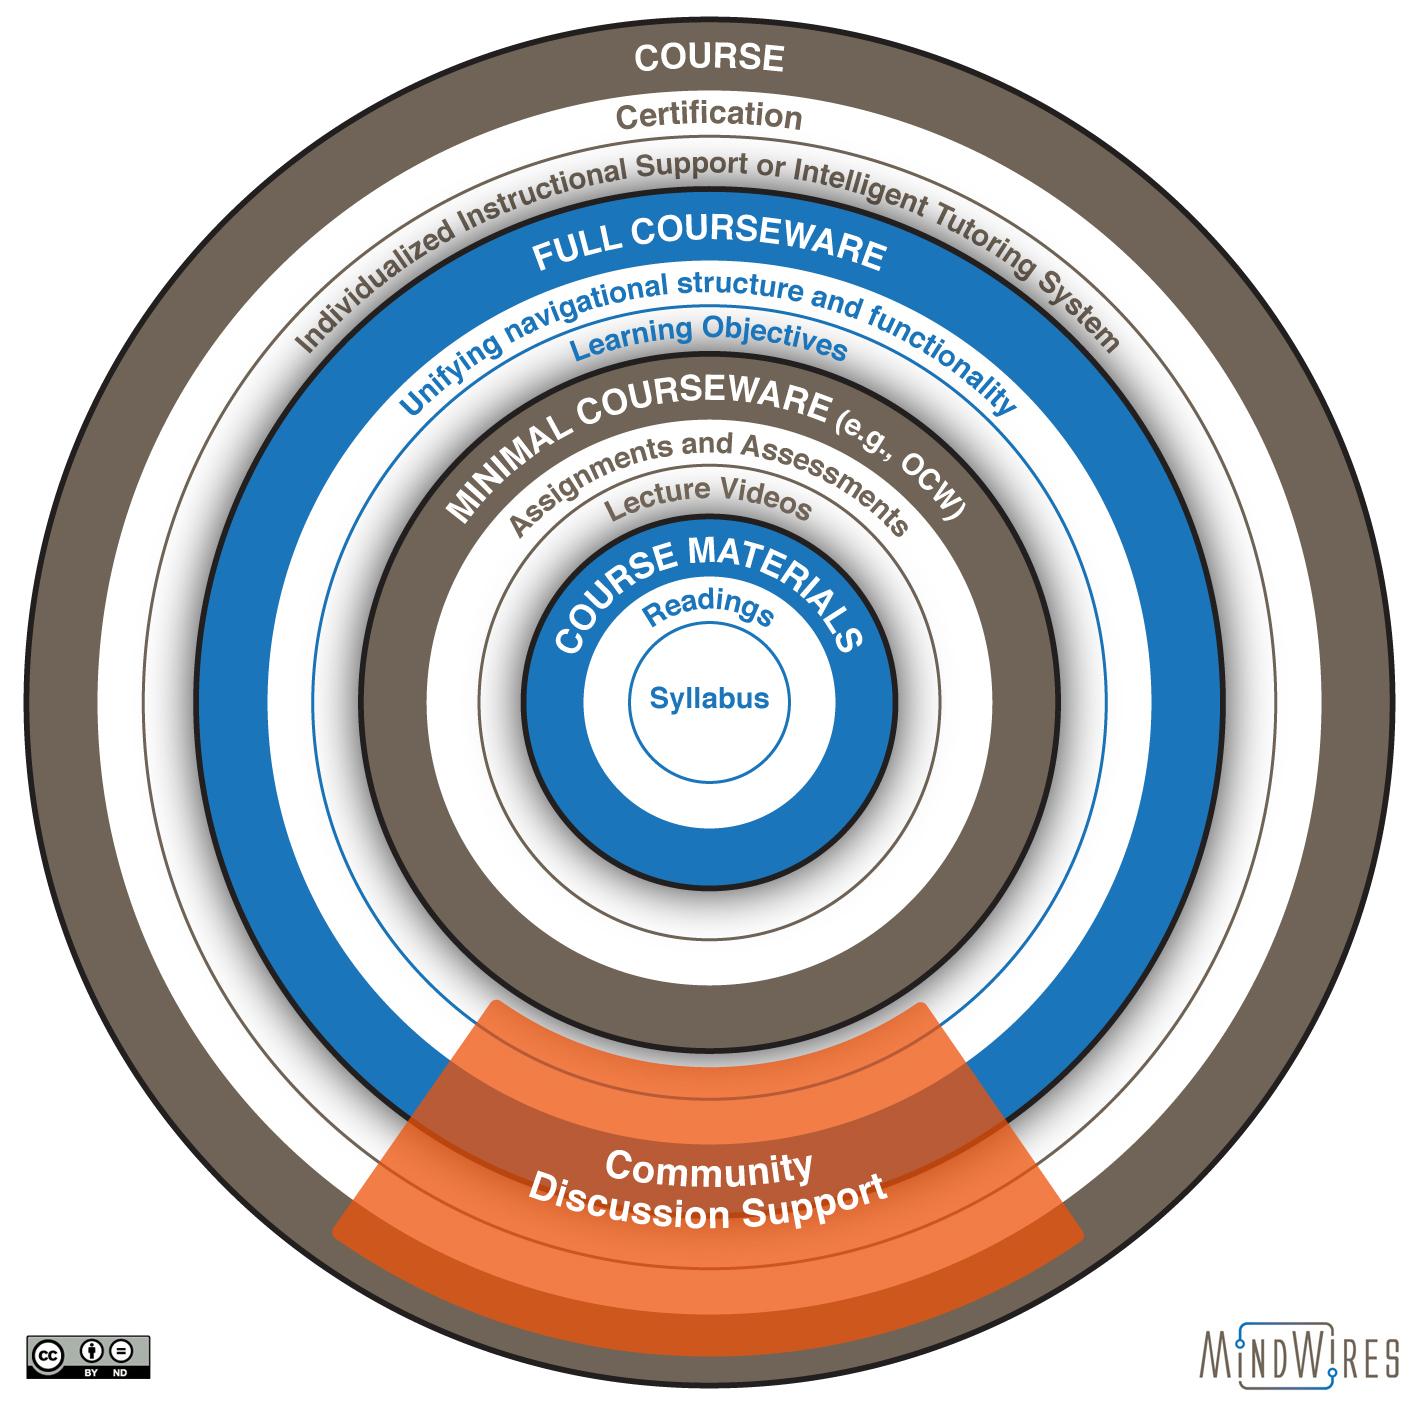 Blueprint for a post-LMS, Part 4